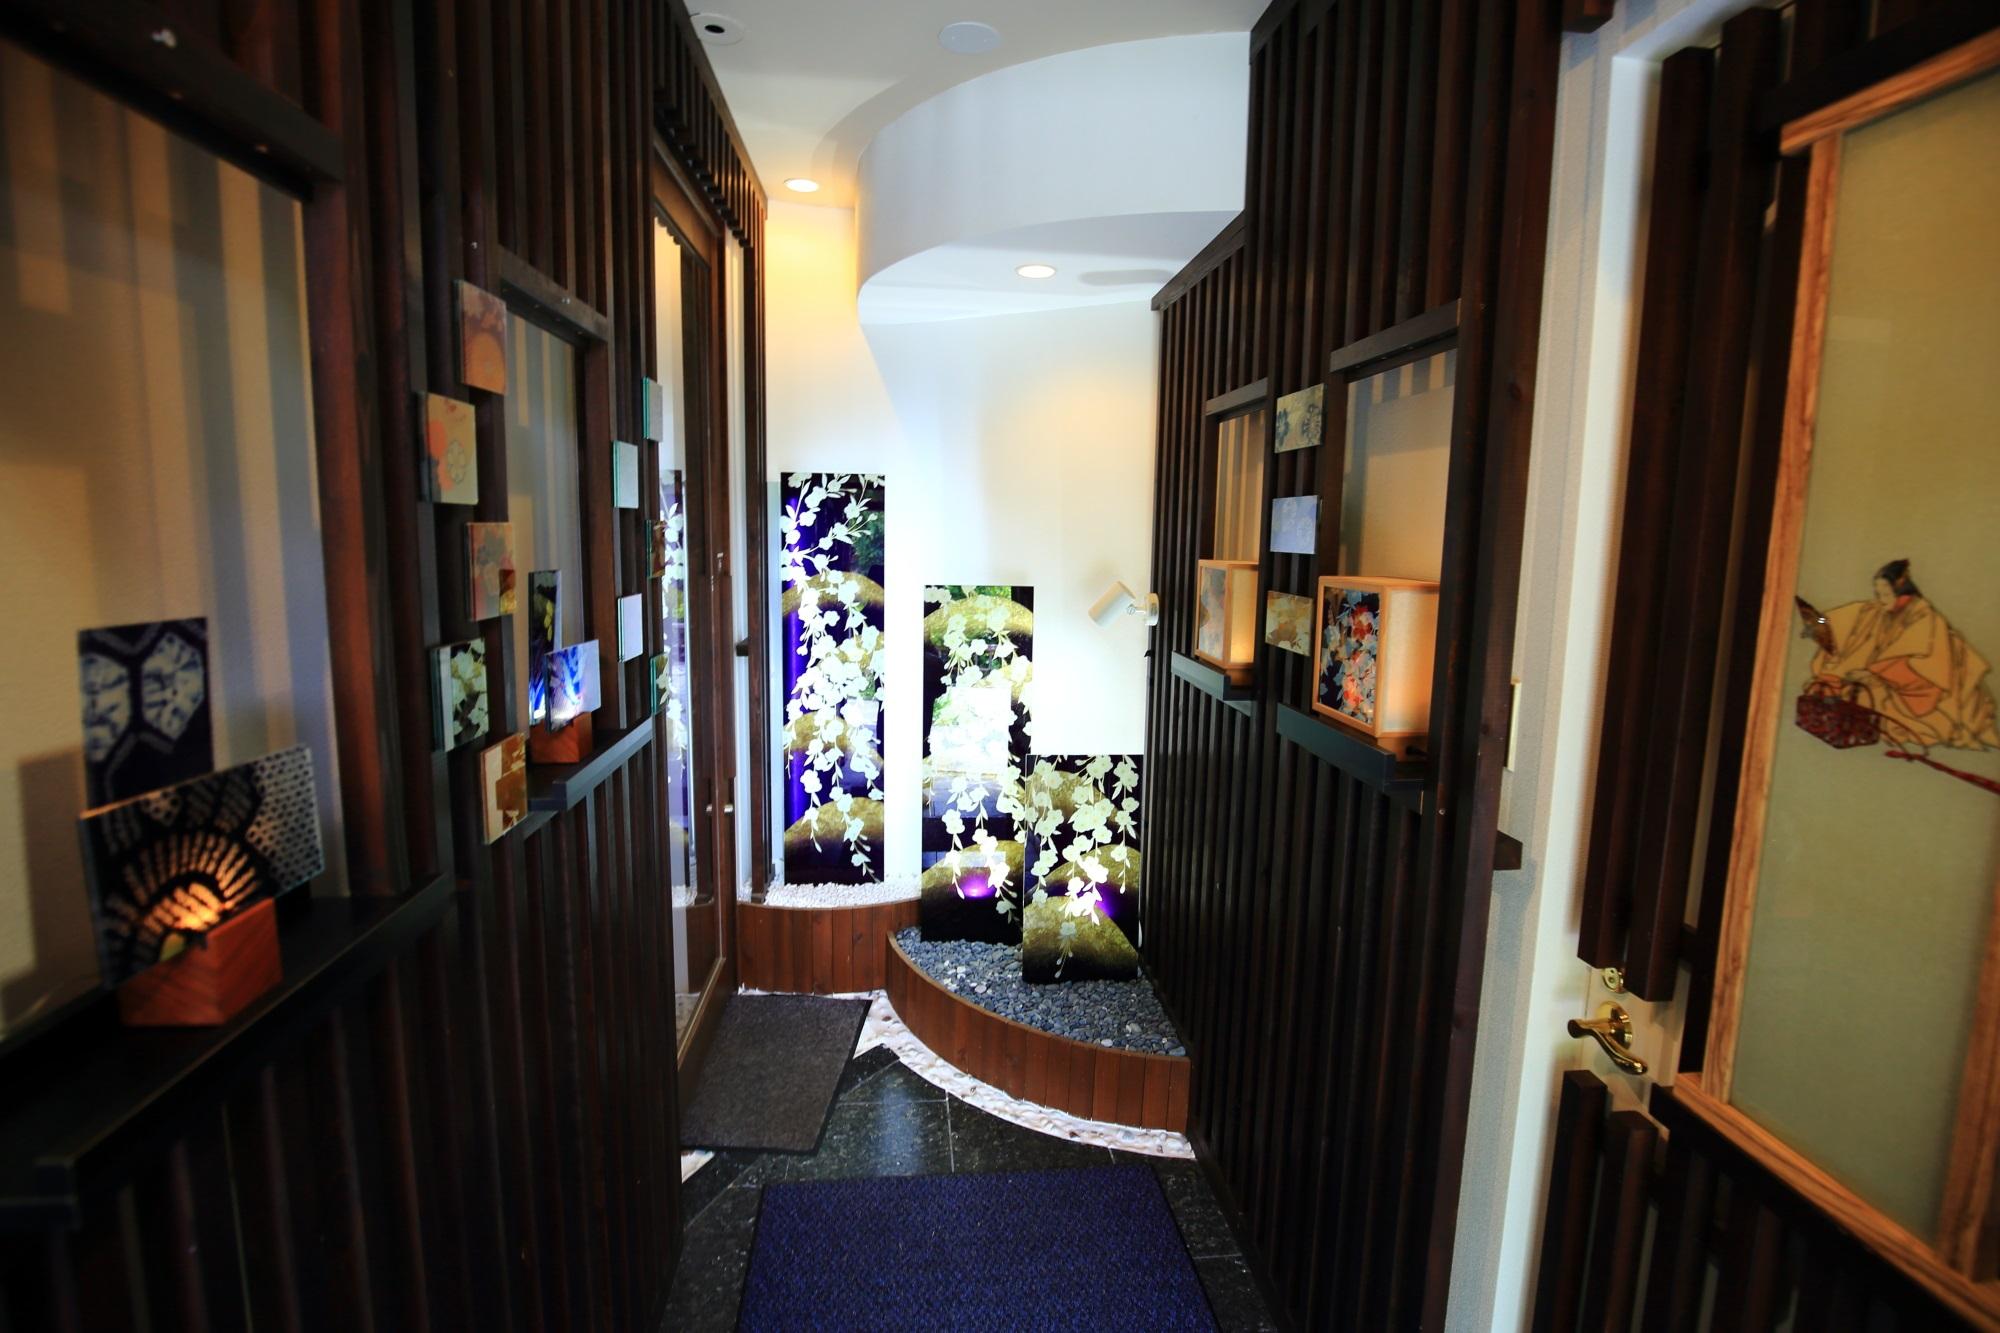 和硝子屋 祇園ギャラリー入口 廊下